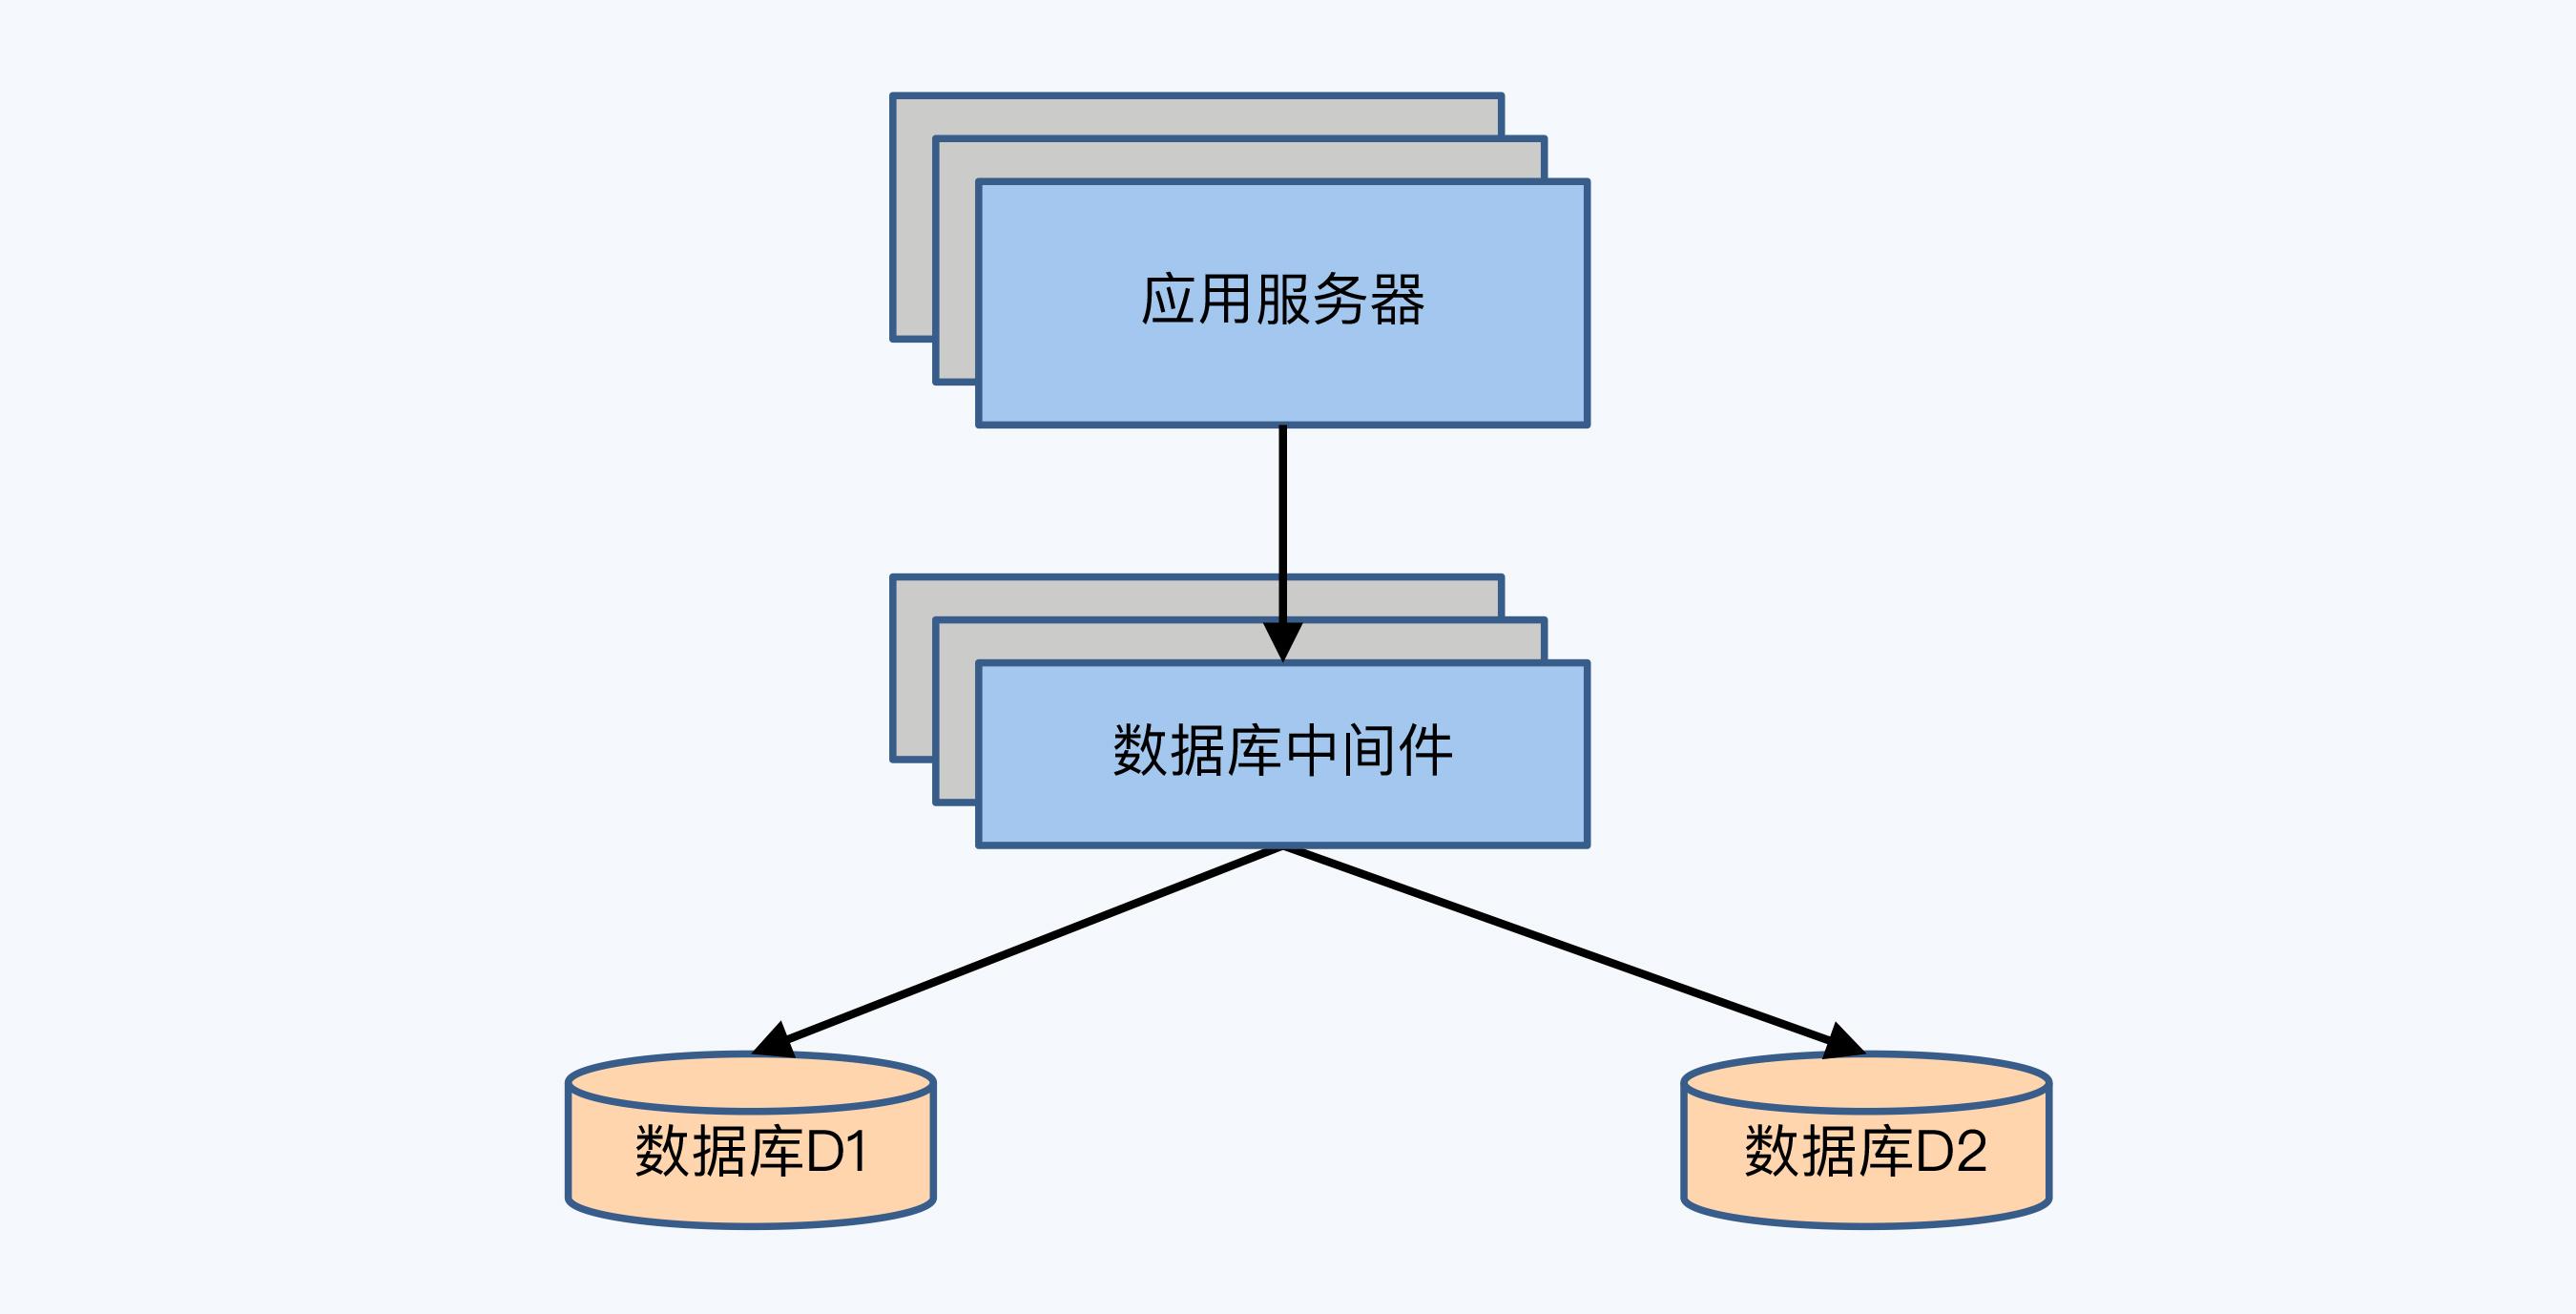 2PC 举例架构图